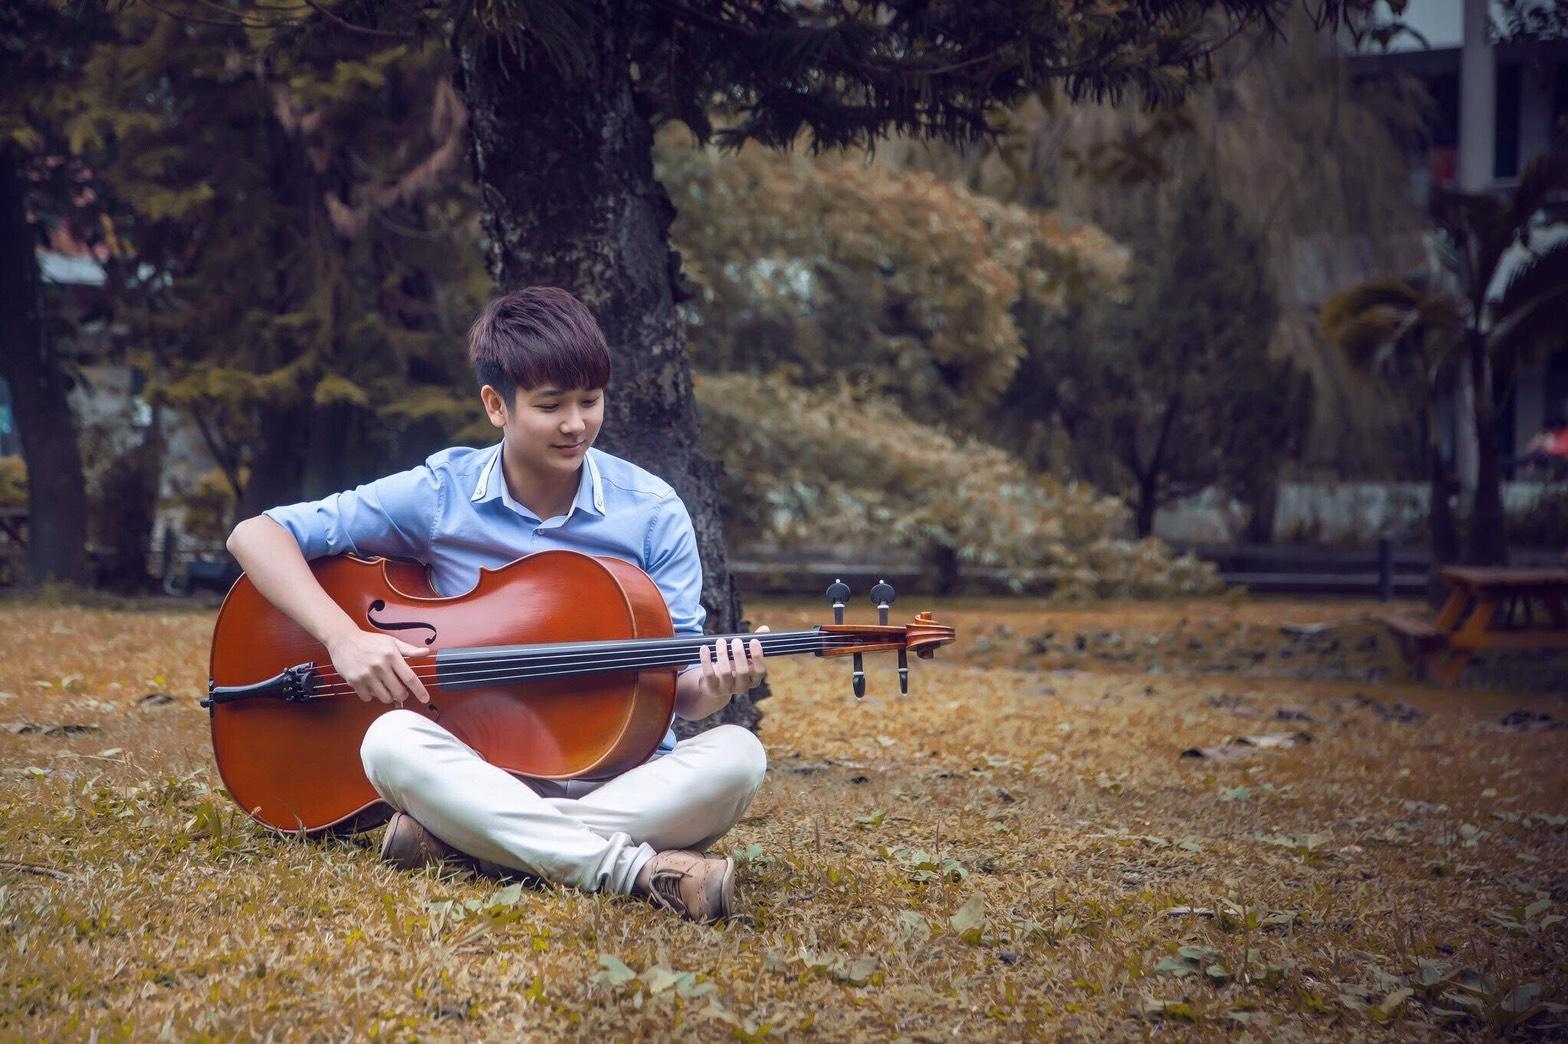 新莊大提琴教學,泰山學大提琴,板橋大提琴老師